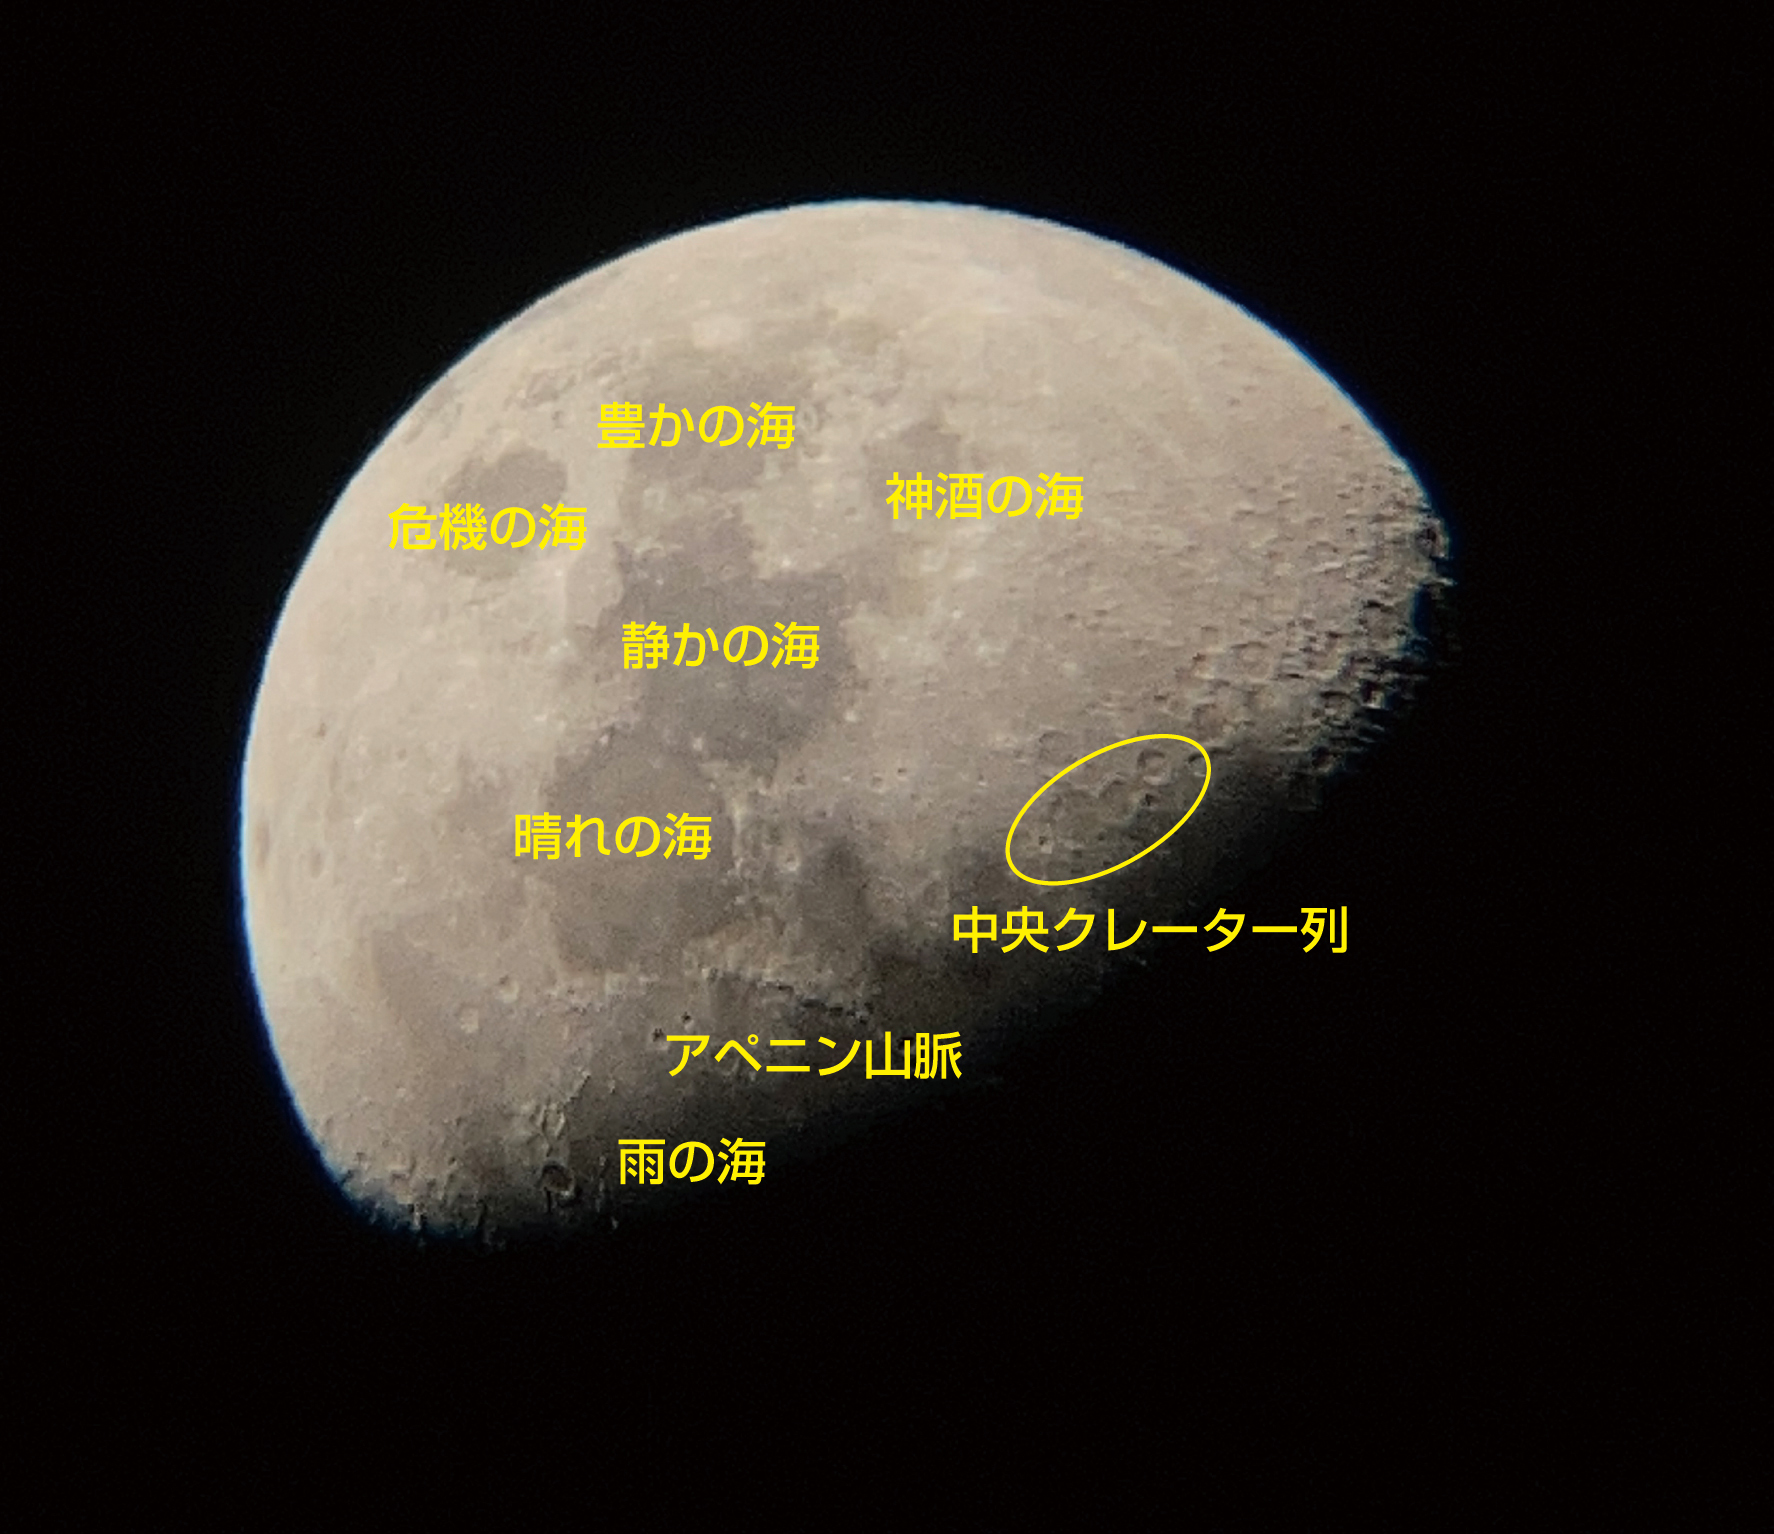 「ウルトラムーンを使用して撮影した月に、ガイドブックで紹介されている地名を書き込んだイメージ」画像